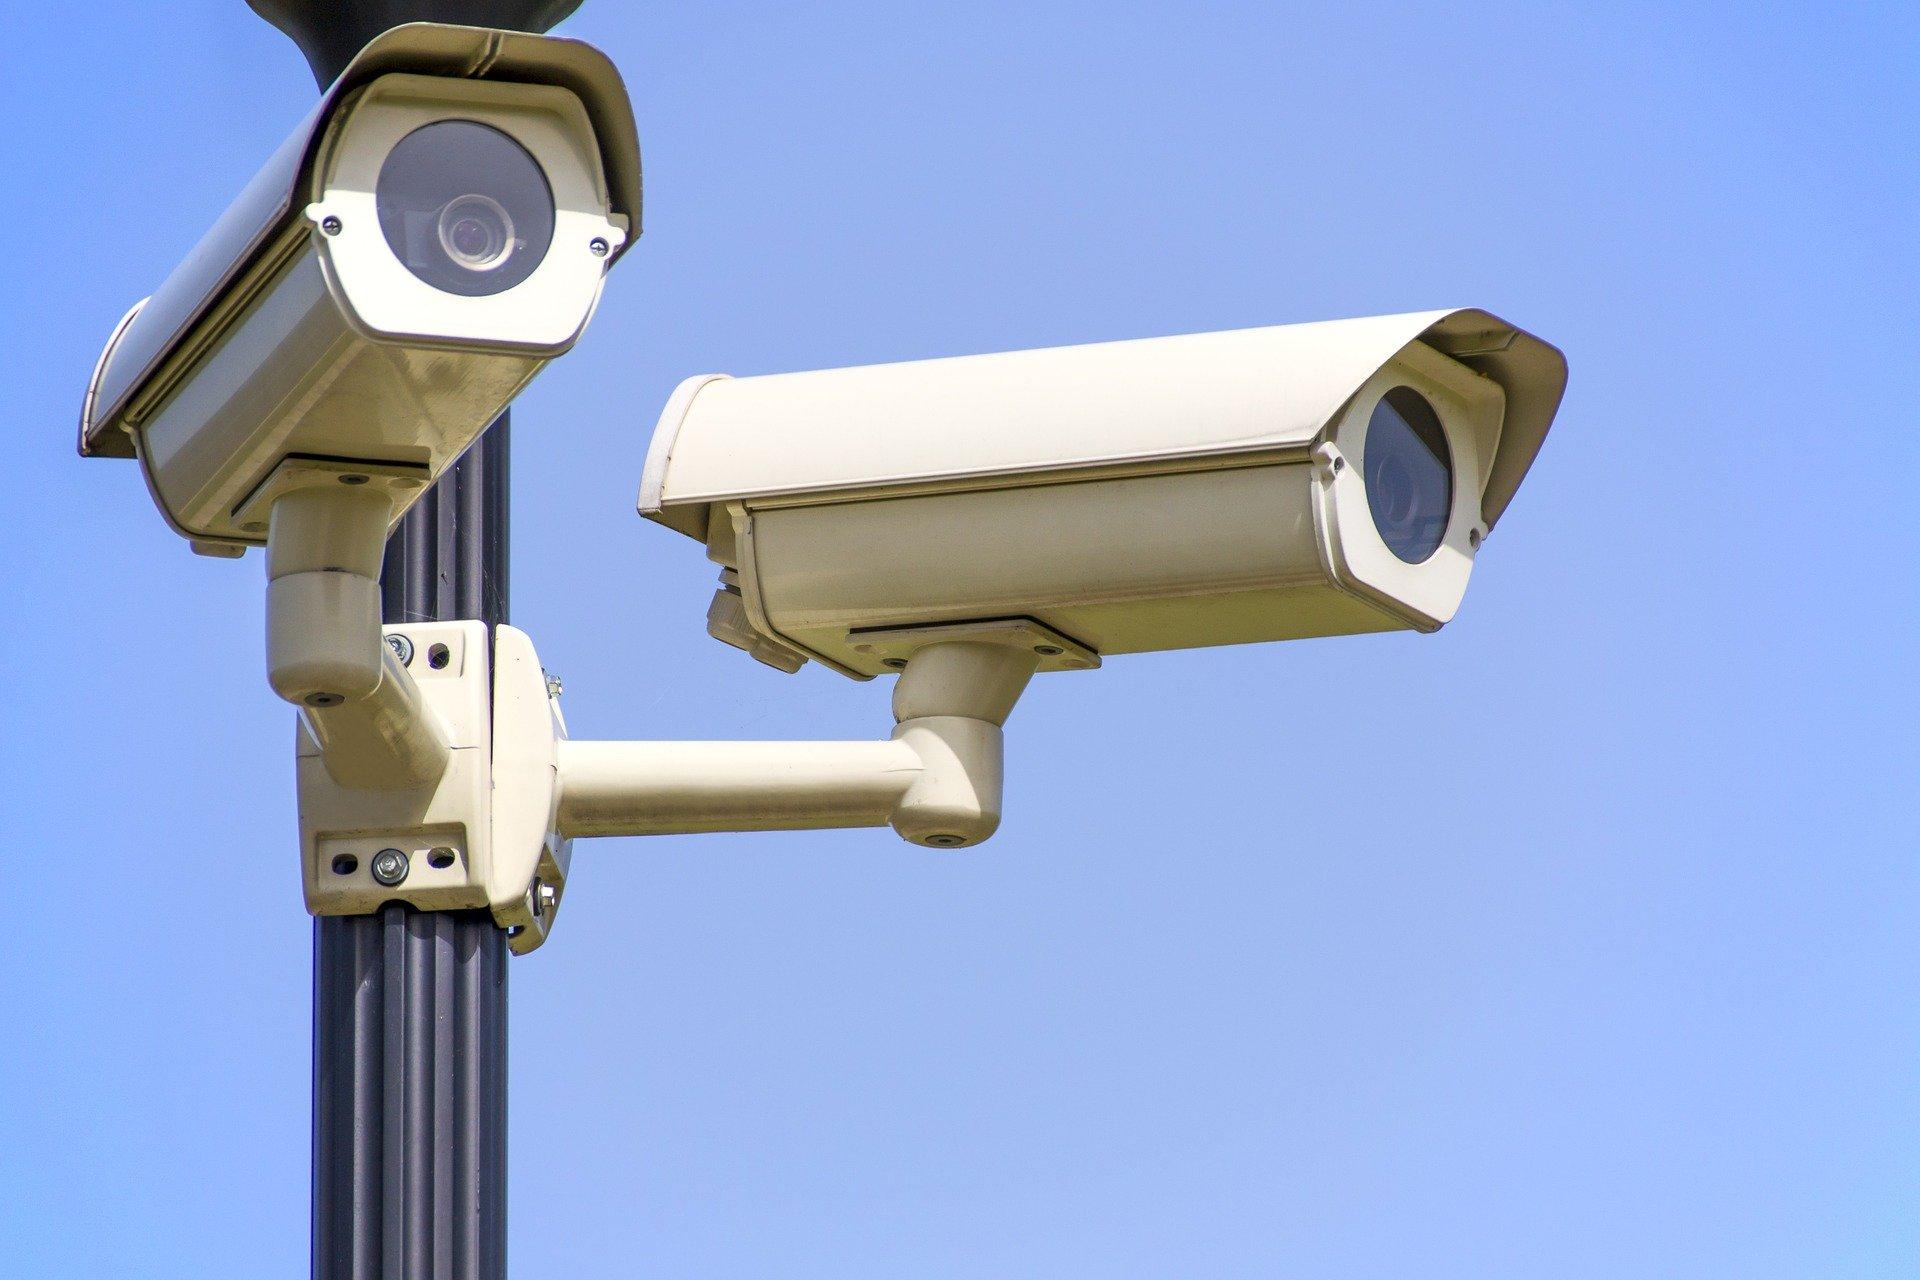 Cameratoezicht in Deventer is verlengd